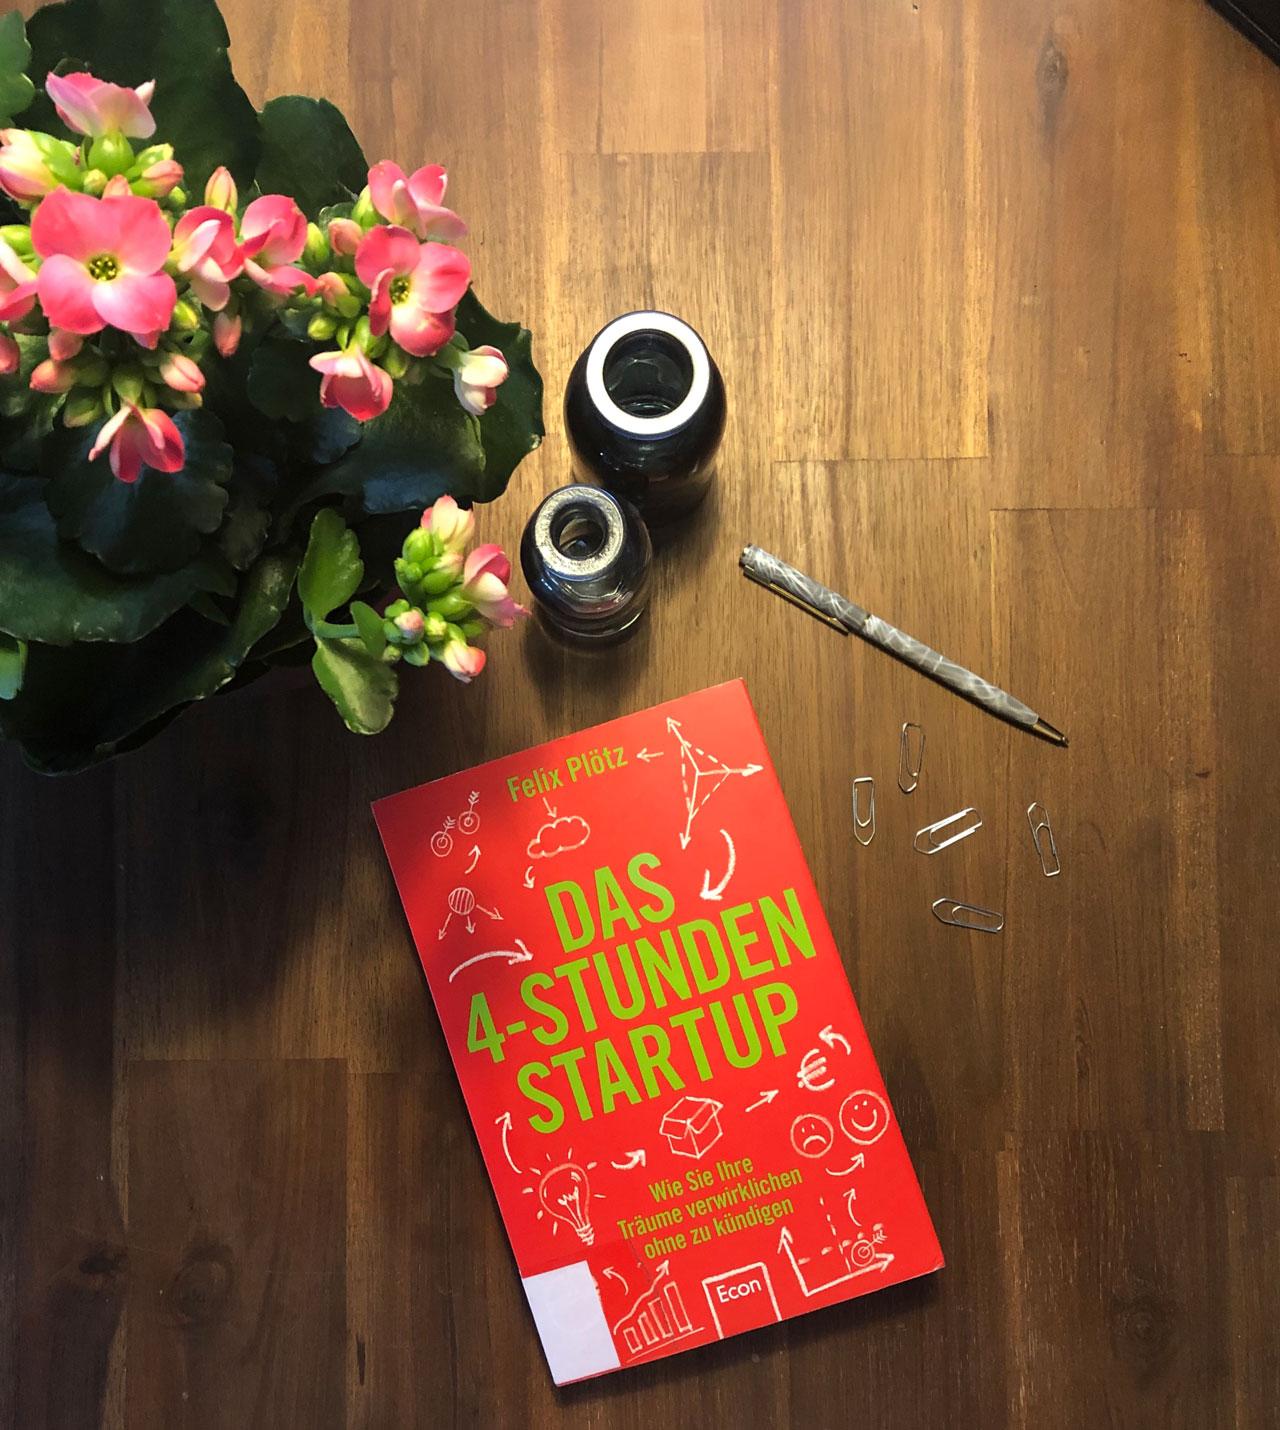 Lesetipp: Das 4-Stunden Startup von Felix Plötz